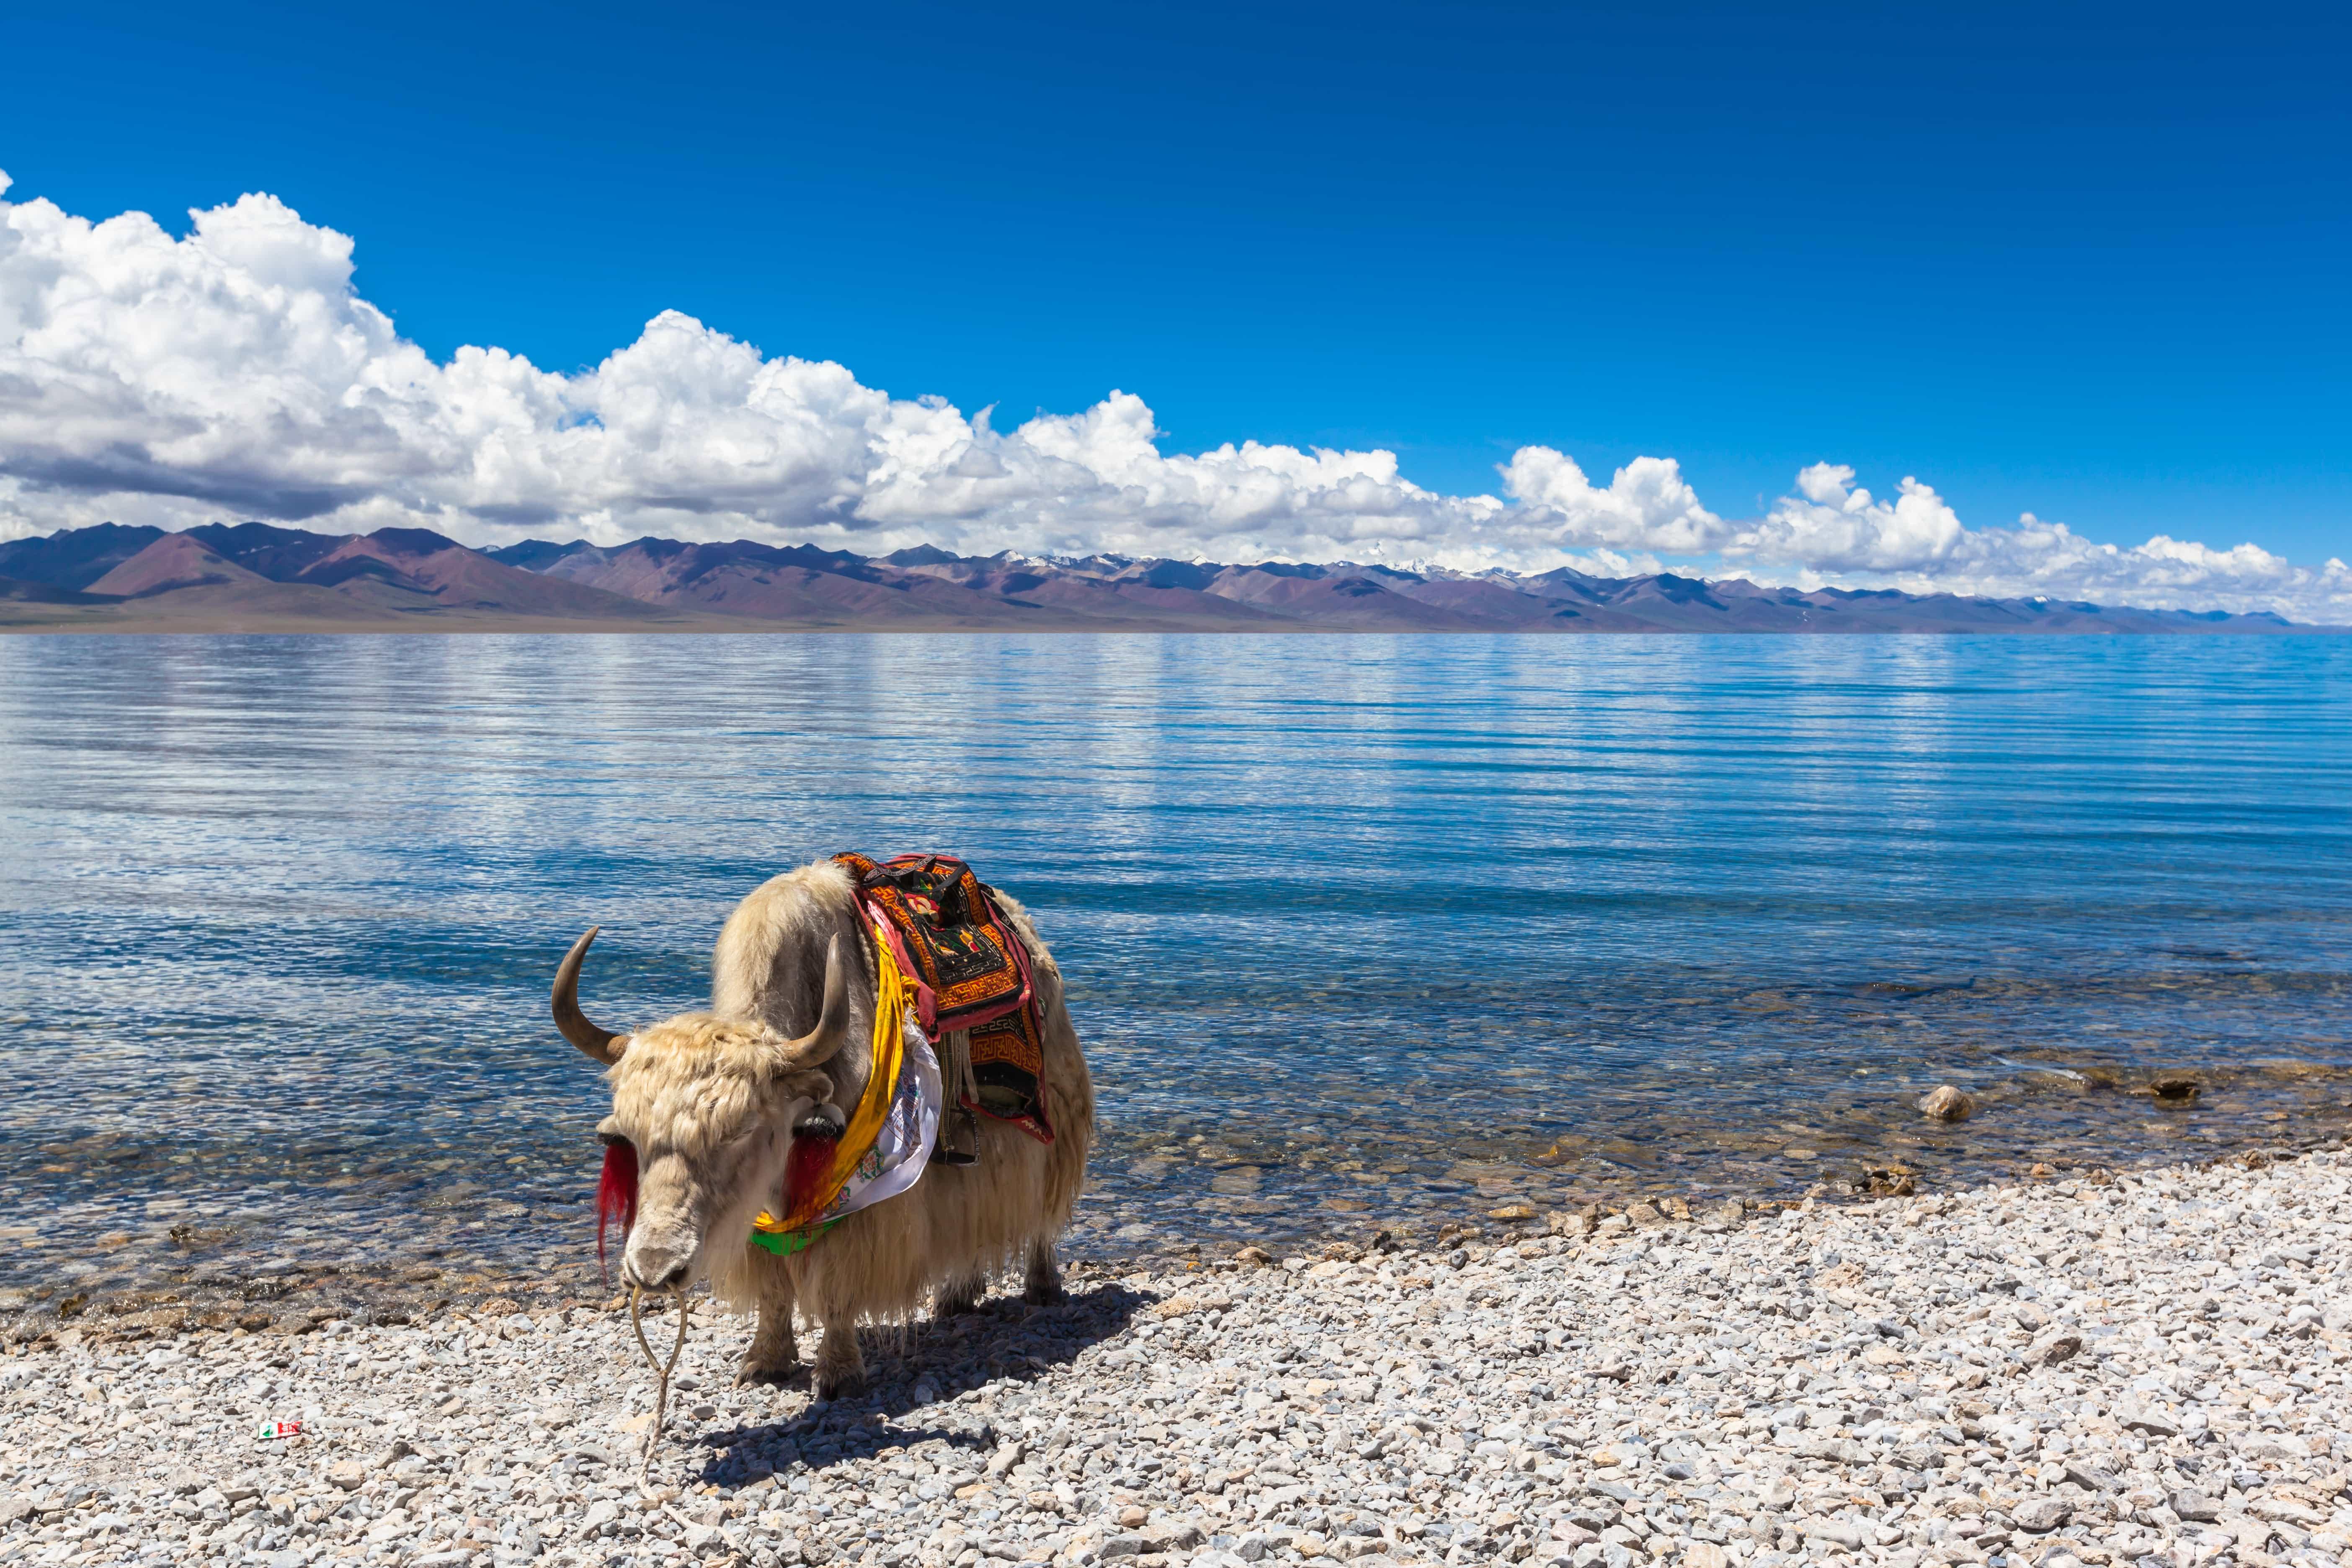 White yak at Namtso lake Tibet